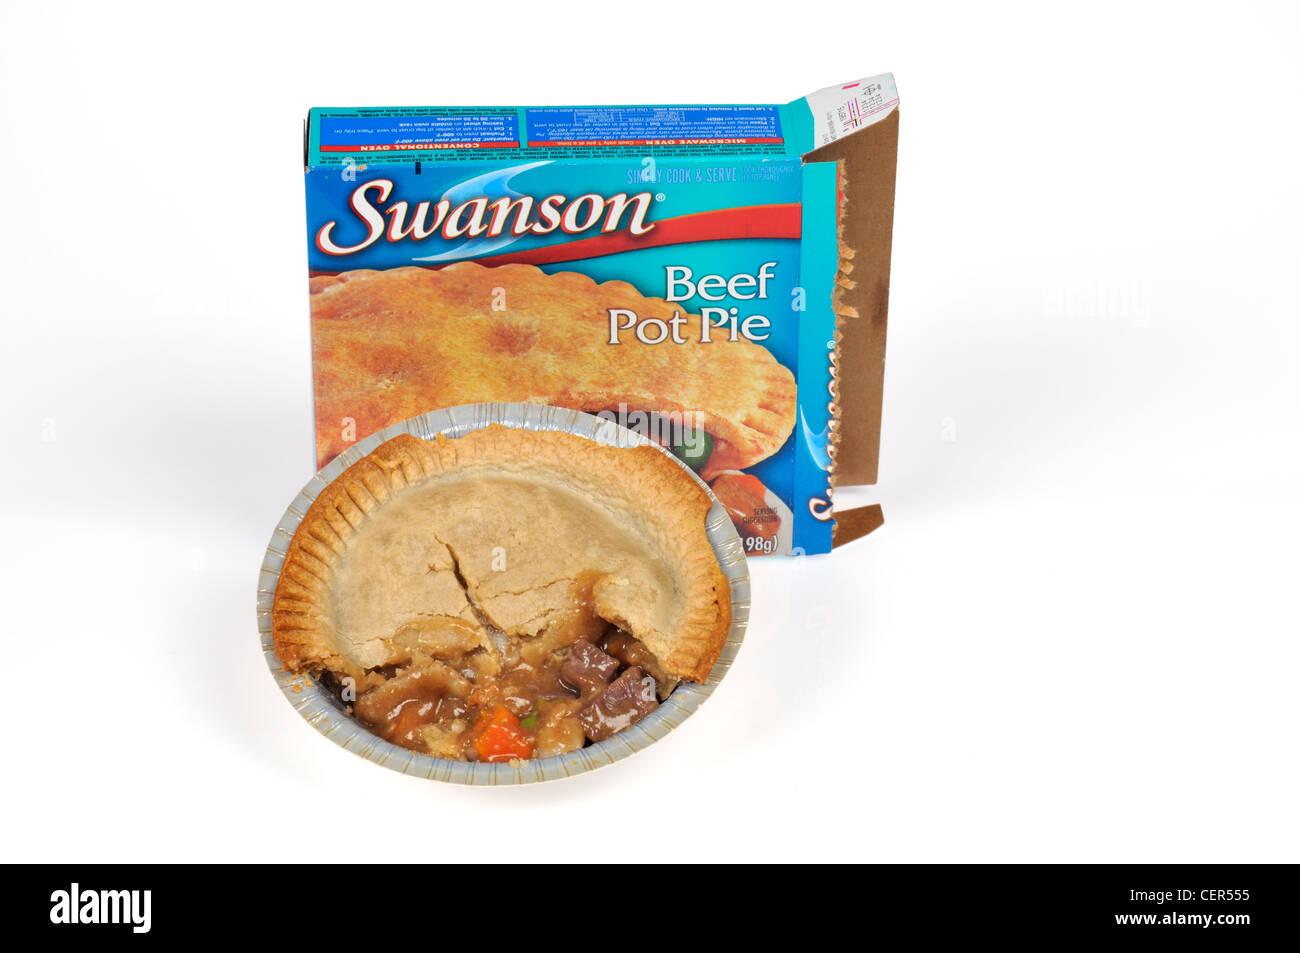 Boeuf cuit Swanson pot pie plat le dîner en face de l'emballage sur fond blanc découpé. Photo Stock